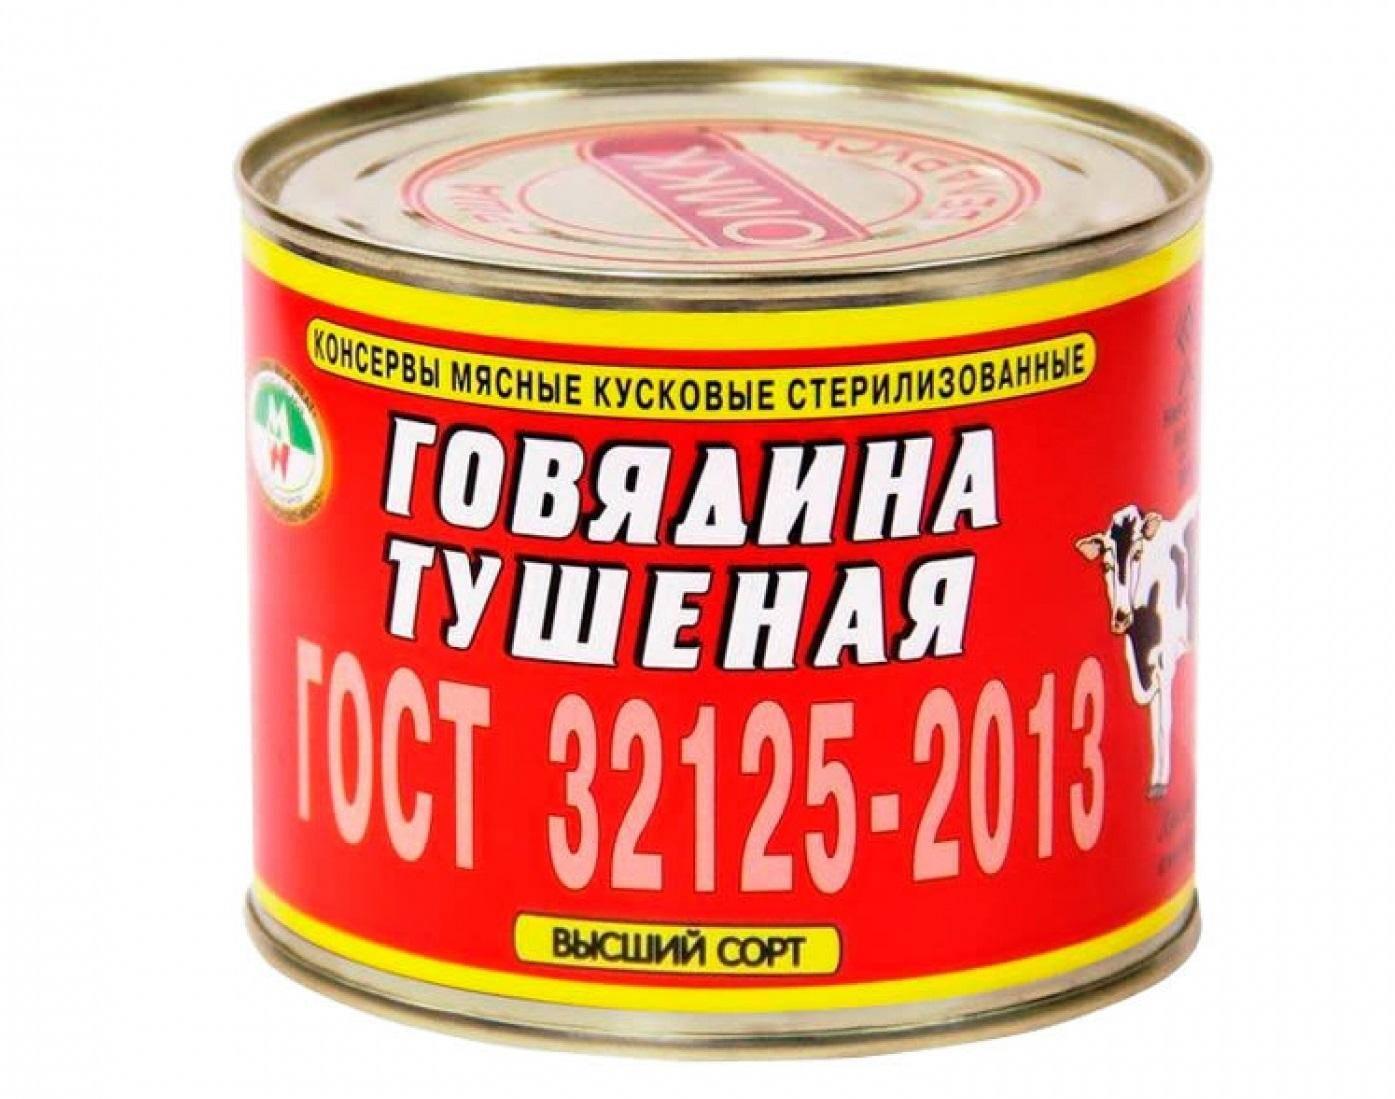 Оршанский мясоконсервный комбинат ГОСТ